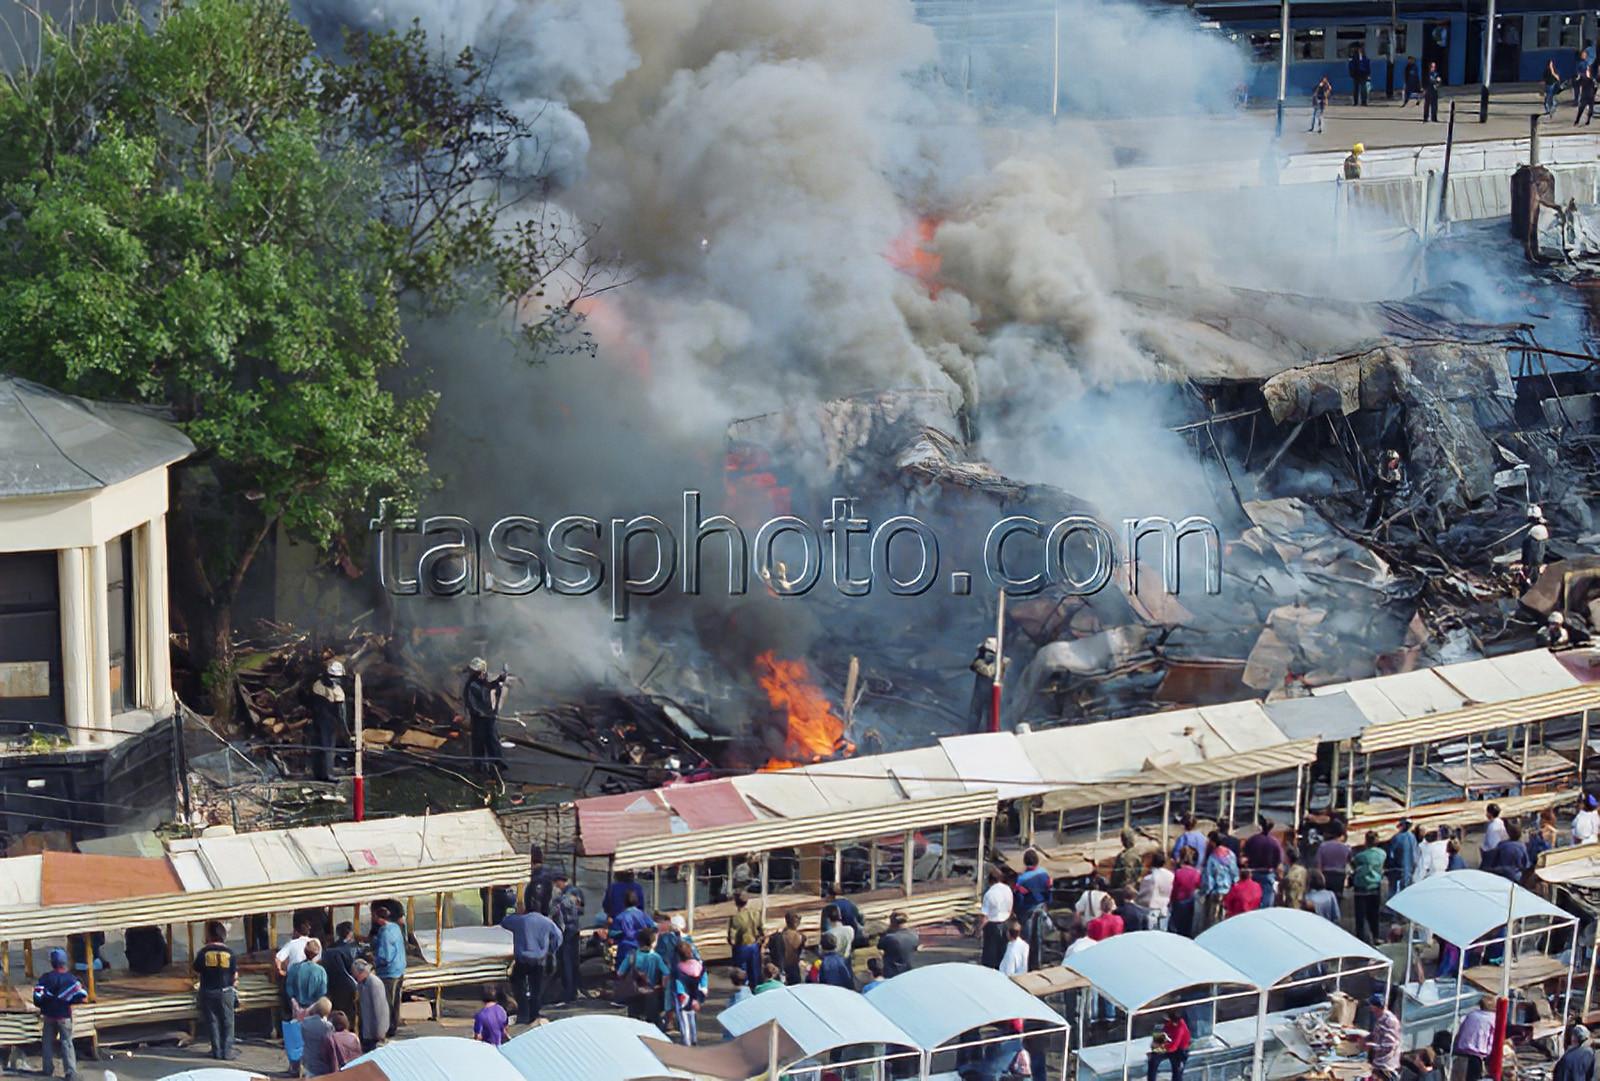 1994 1 июля 1994 г. Тушение пожара у платформ Киевского вокзала. Зуфаров Валерий_cmpk